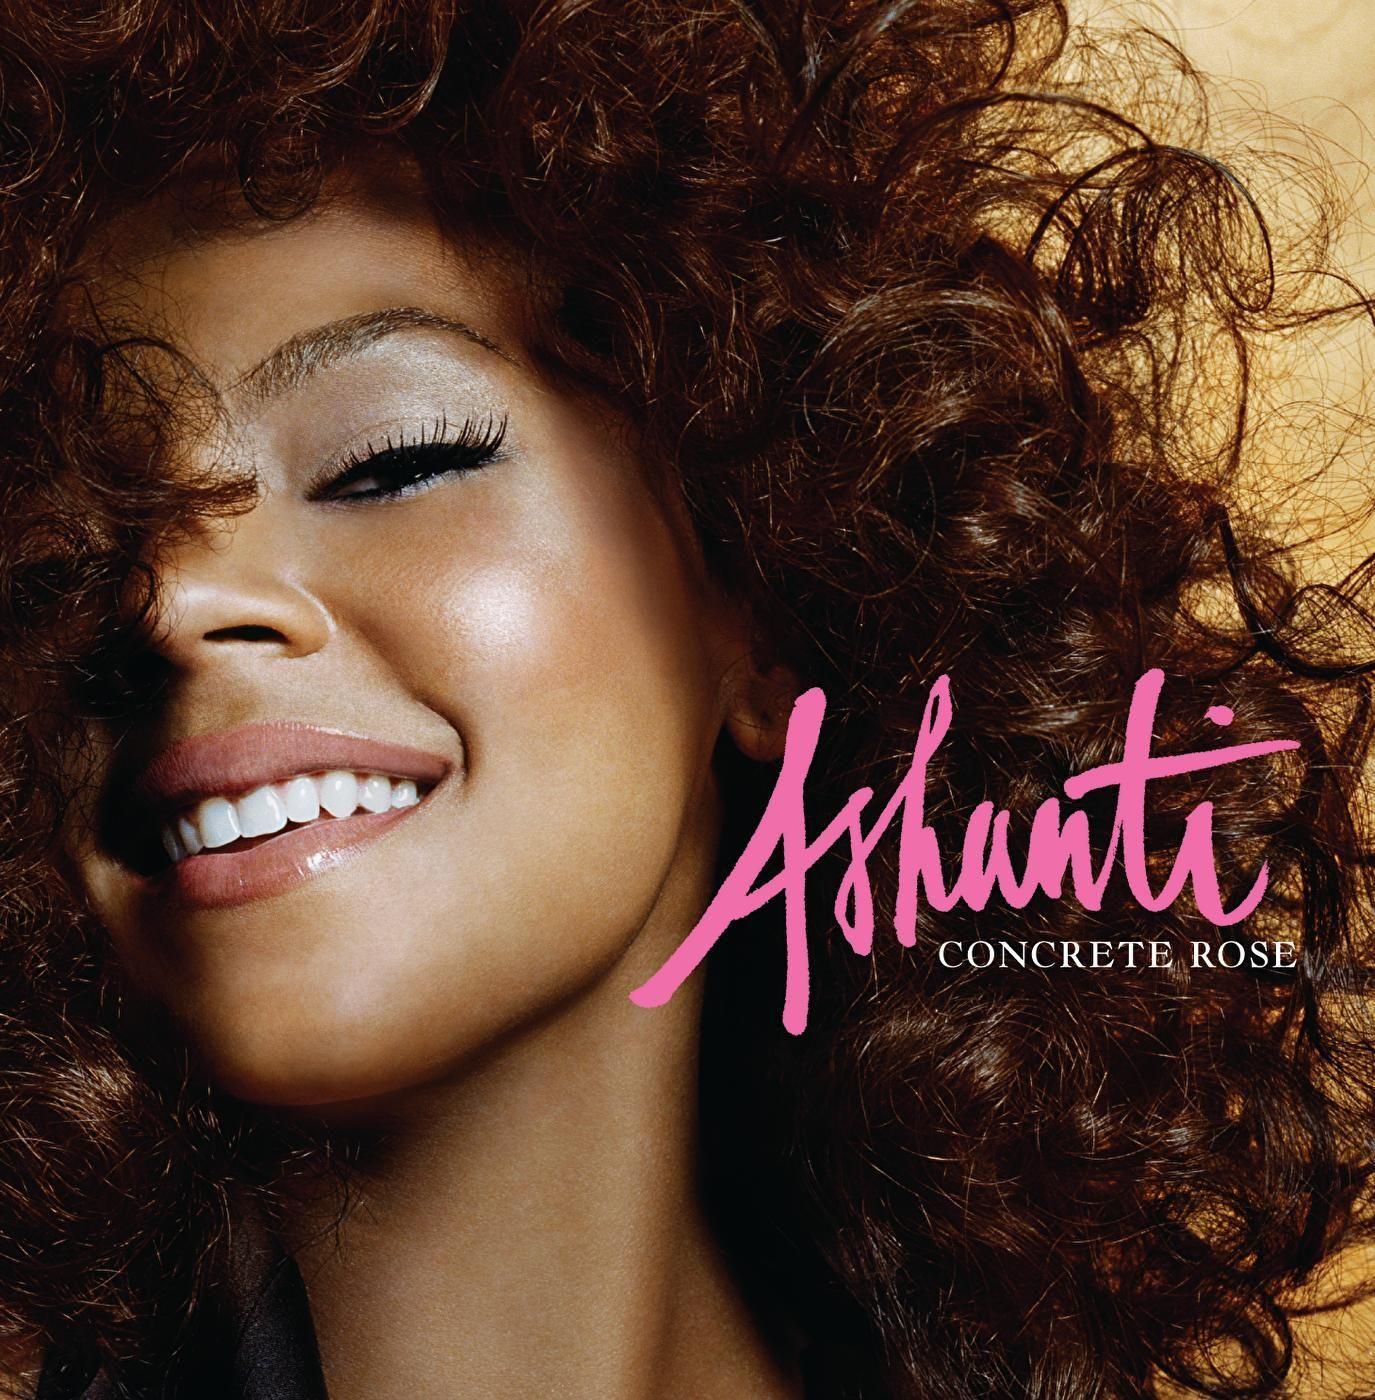 Ashanti - Concrete Rose album cover